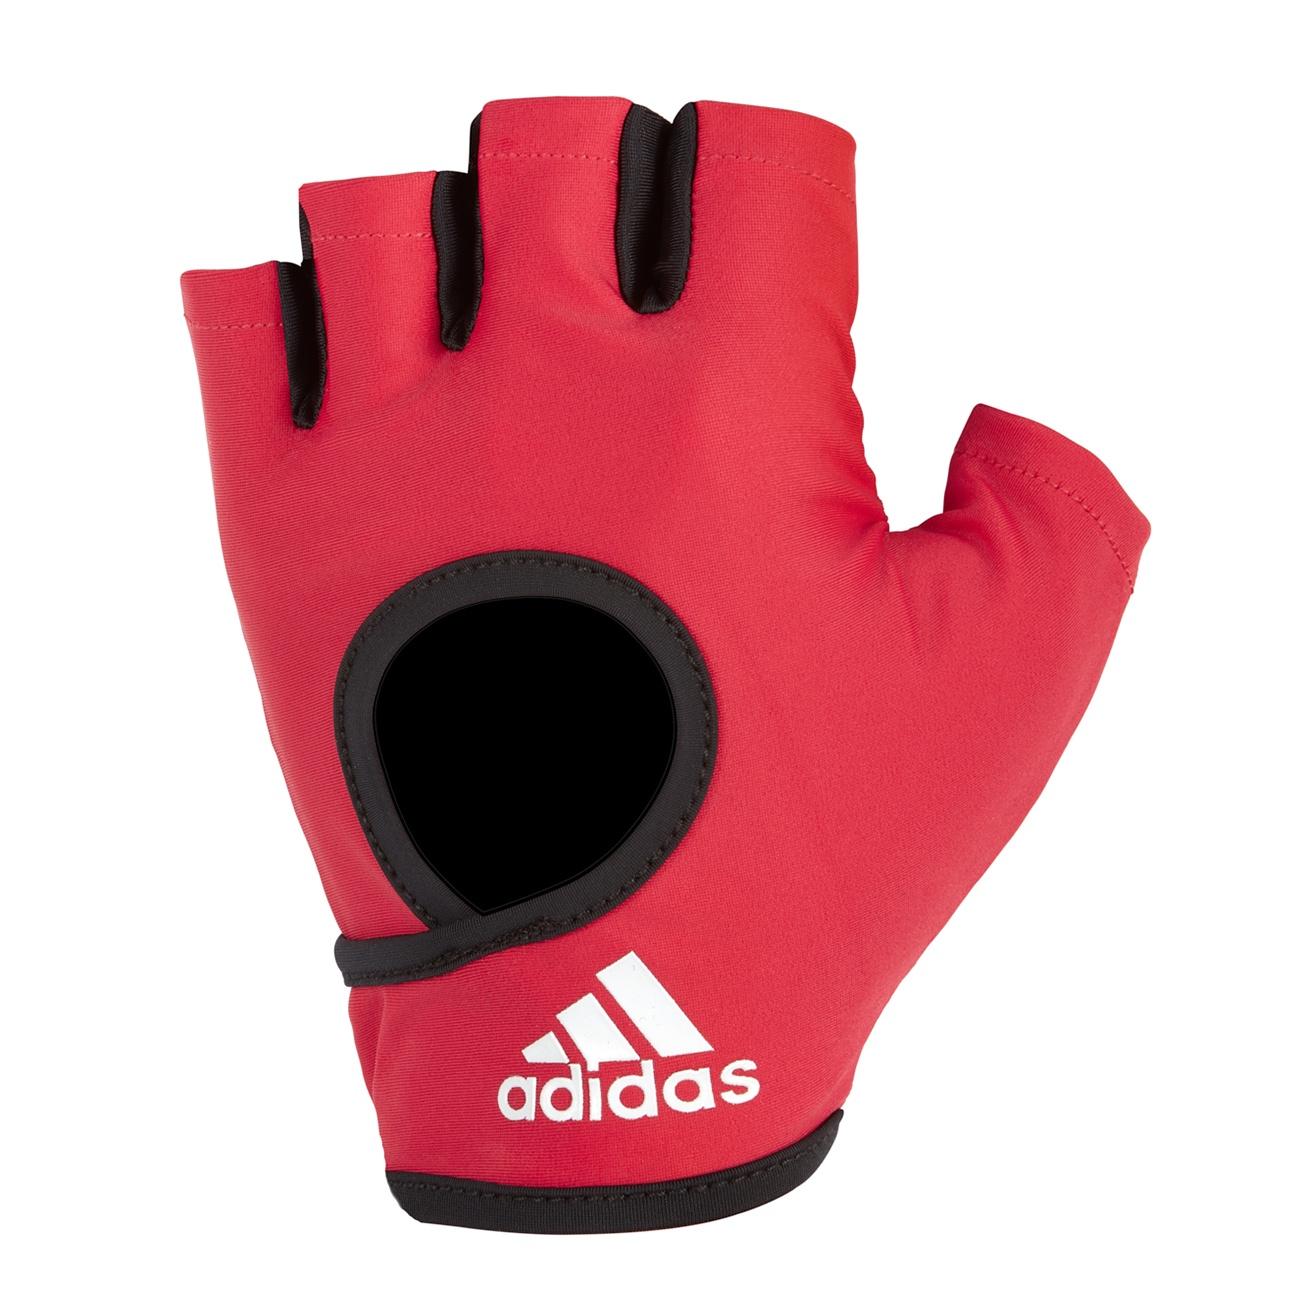 Перчатки для фитнеса Adidas ADGB-12615, розовый перчатки adidas для фитнеса белые размер m adgb 12322 wh